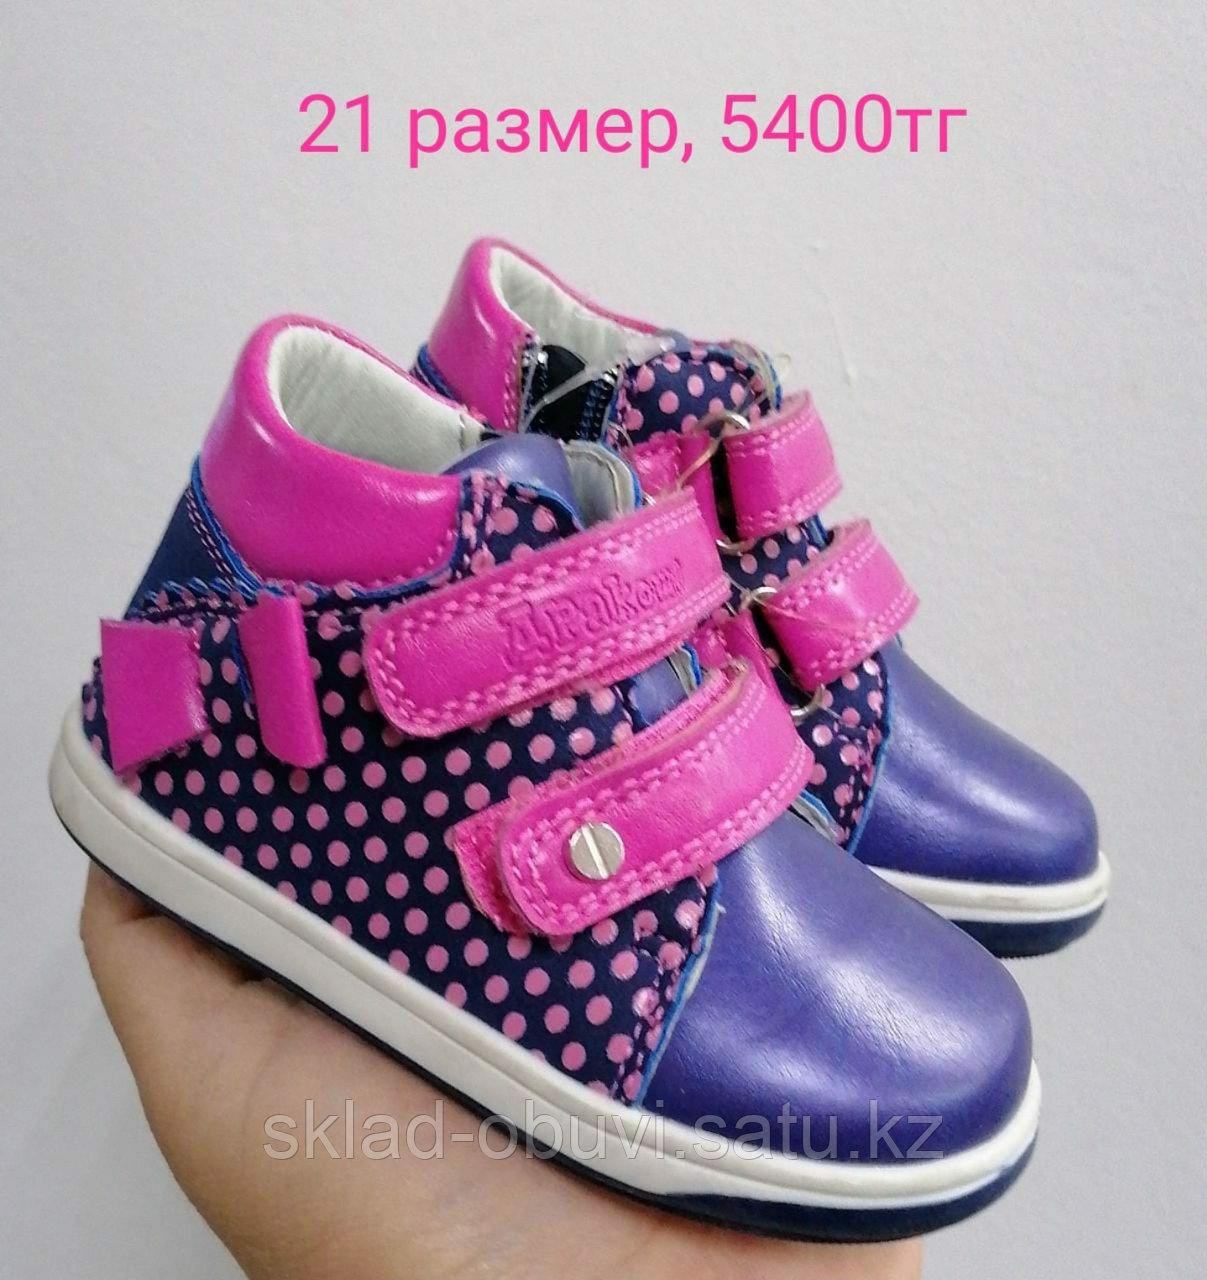 Кожаные ортопедические детские ботиночки. Распродажа со склада мелким оптом. - фото 1